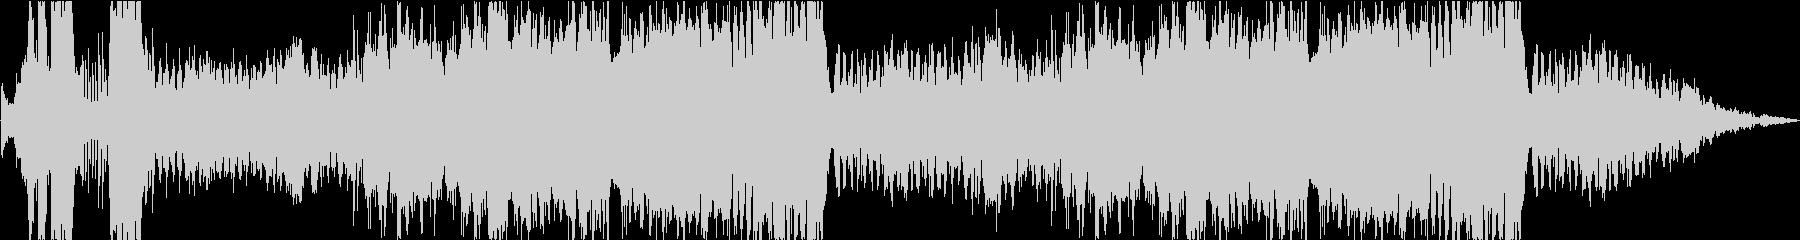 カートゥーン調のコミカルなオーケストラの未再生の波形